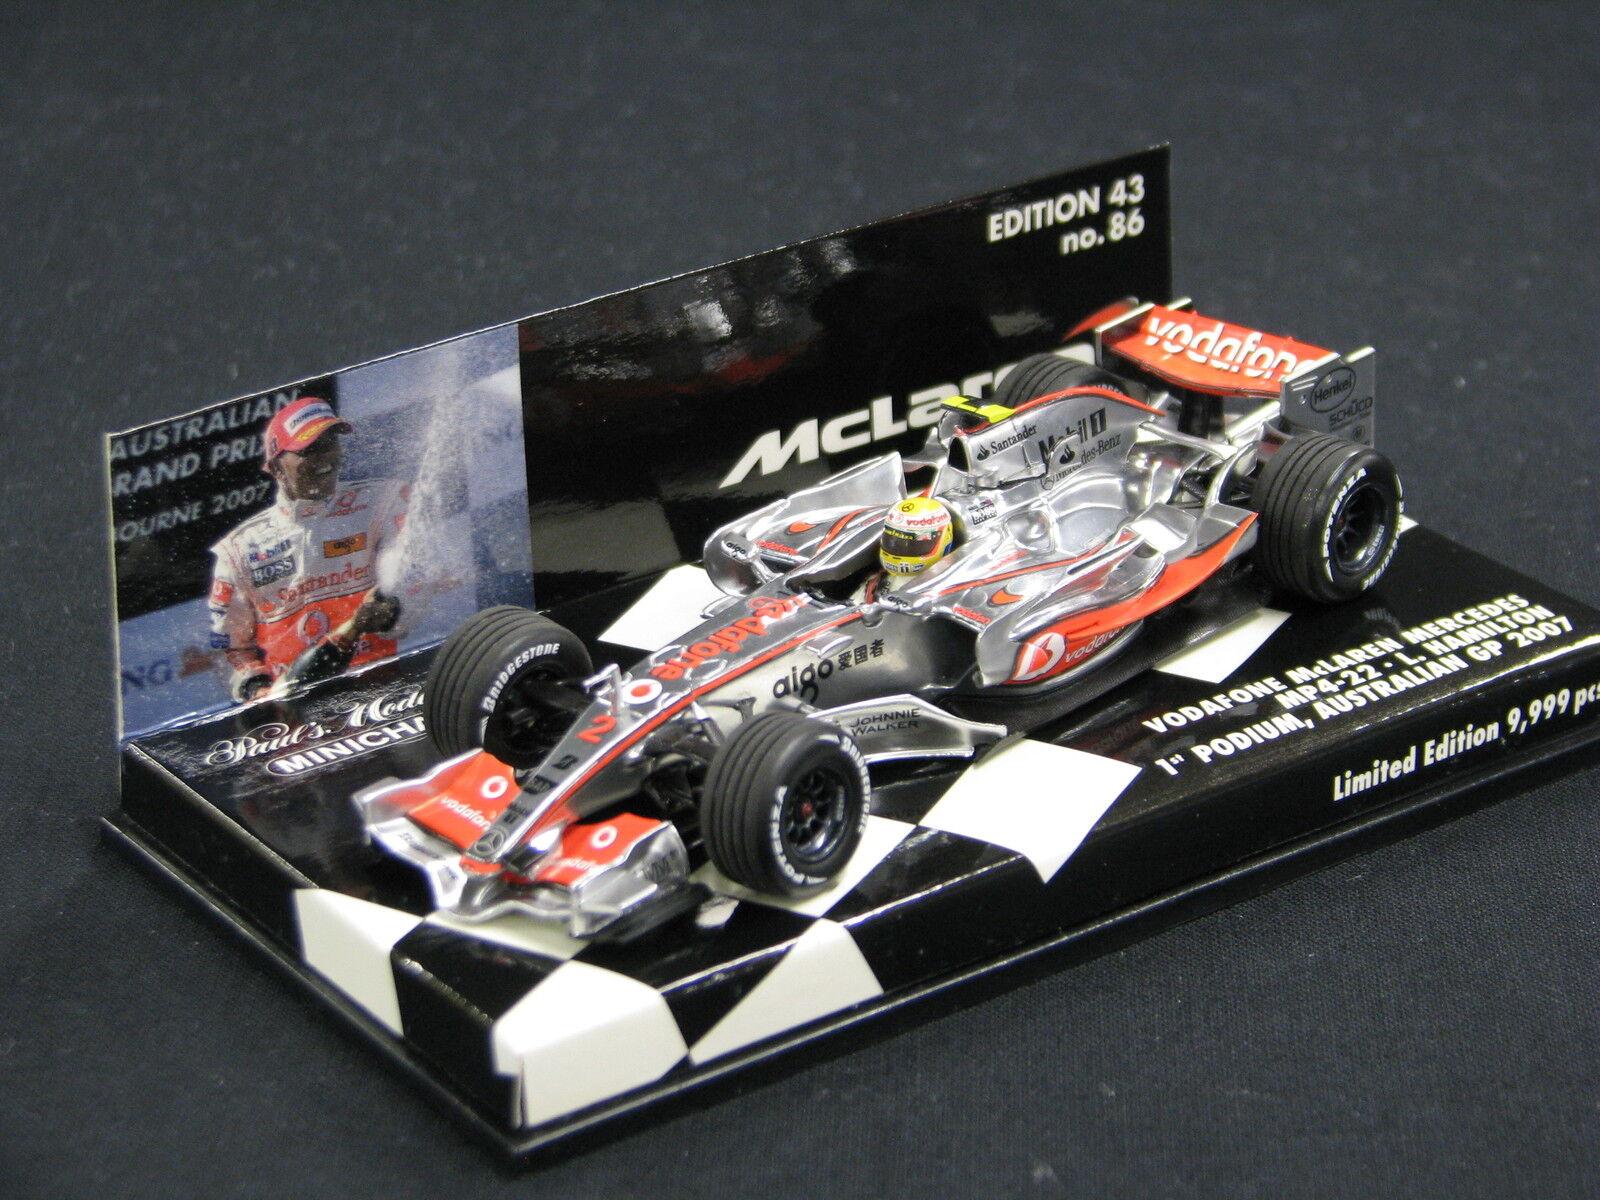 Minichamps McLaren Mercedes MP4 22 2007 1 43  2 Lewis Hamilton (GBR) GP AUS (JS)